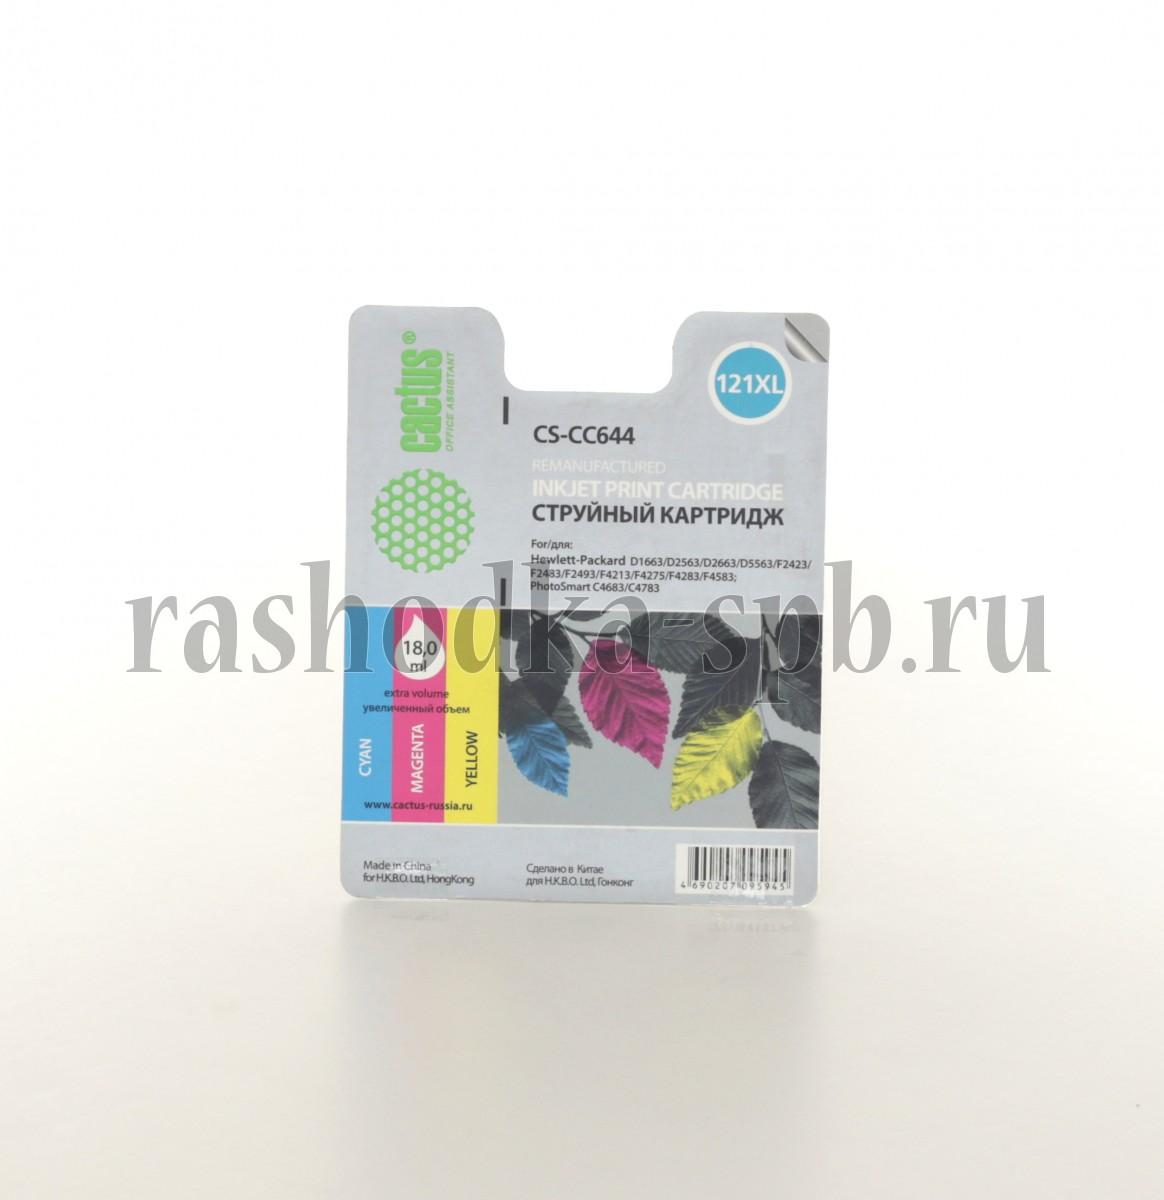 Драйвер для принтера scx-4200 - a6